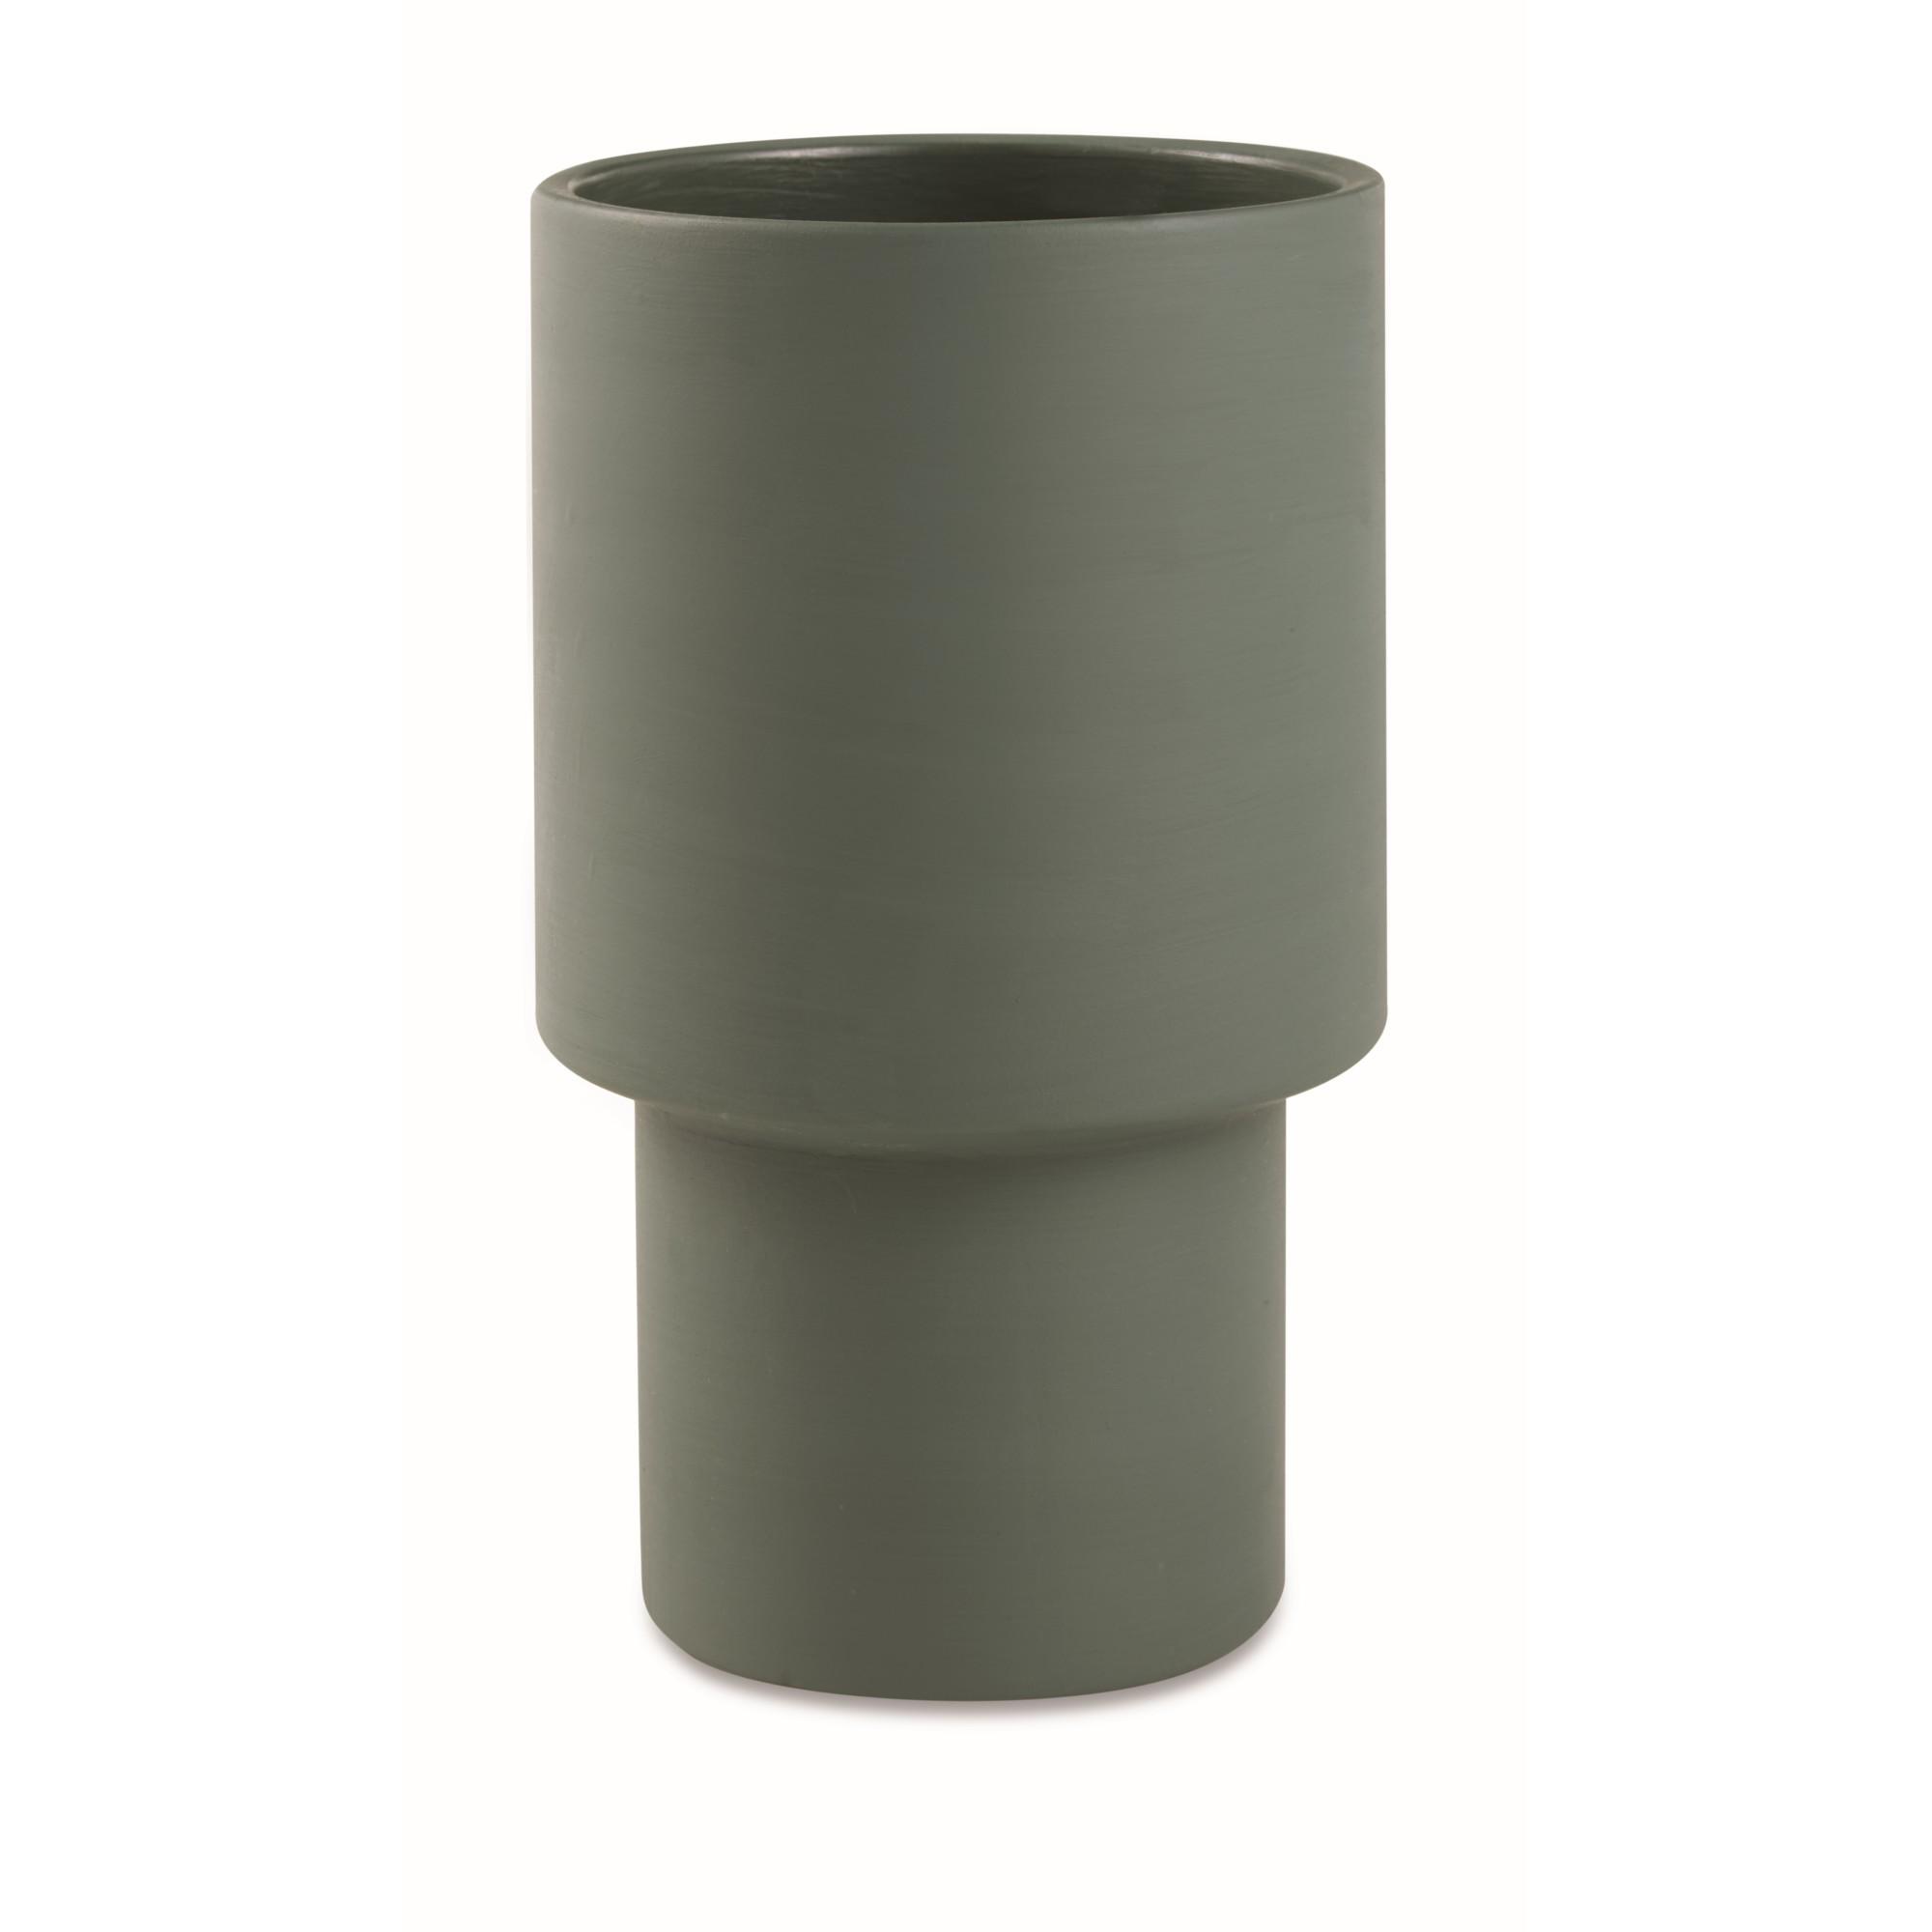 Cachepot Cimento Verde 25x15 cm 12328 - Mart Decor